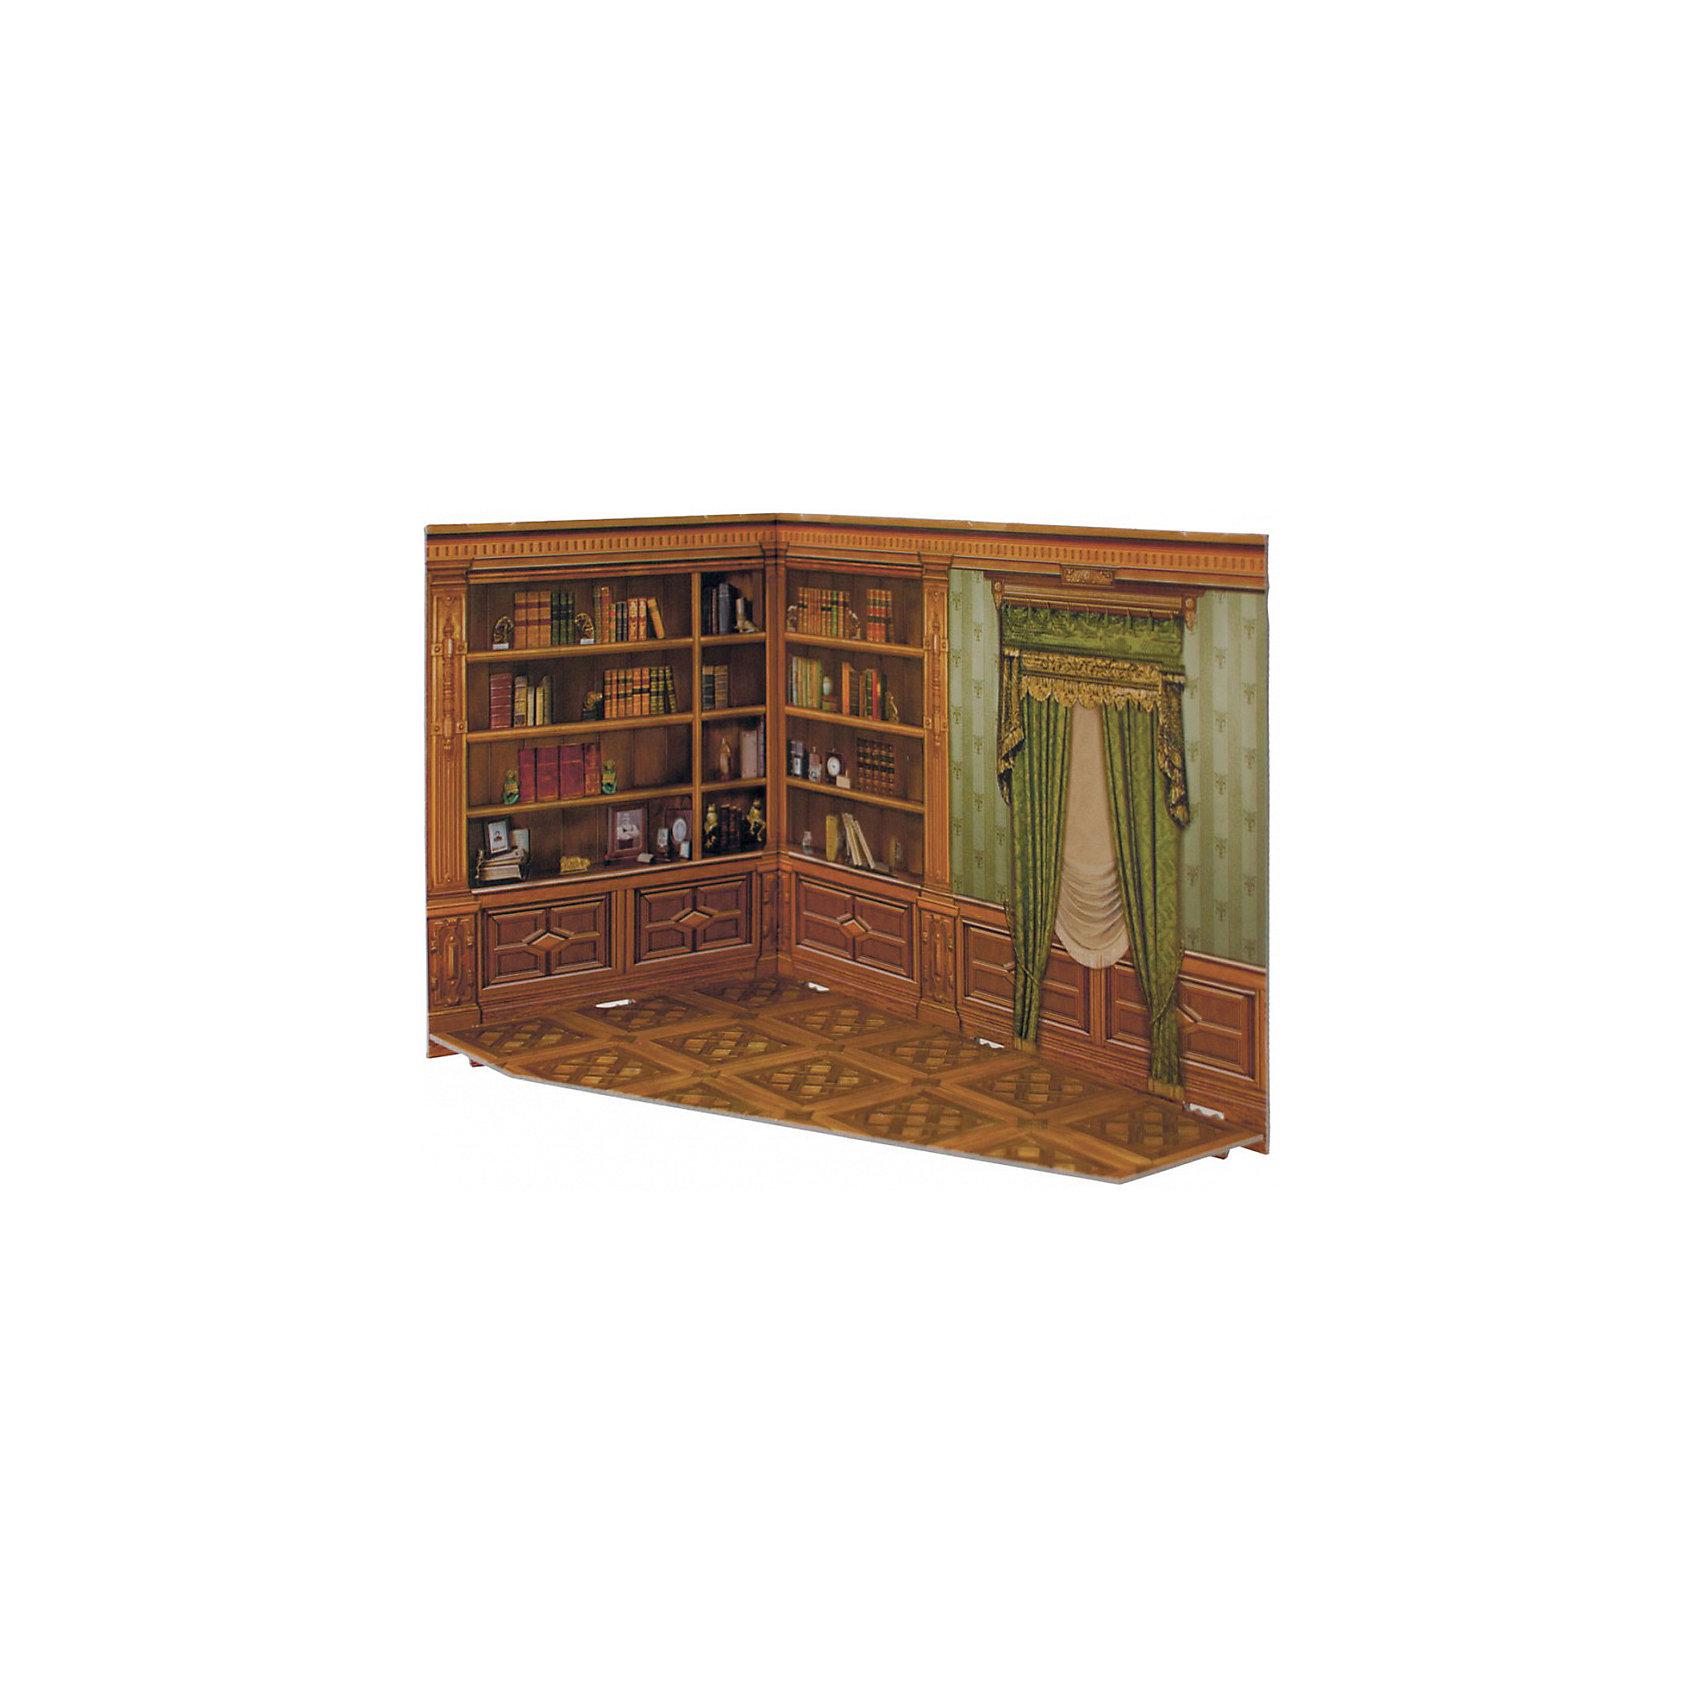 Сборная модель Румбокс КабинетРумбокс -кабинет - Сюжетный игровой набор из плотного картона. Серия: Кукольный дом и мебель. Количество деталей, шт: 2. Размер в собранном виде, см: 26 x 20 x 15. Размер упаковки, мм.:  высота 255 ширина 210 глубина 5. Тип упаковки: Пакет ПП с подвесом. Вес, гр.: 201. Возраст: от 7 лет. Все модели и игрушки, созданные по технологии УМНАЯ БУМАГА собираются без ножниц и клея, что является их неповторимой особенностью.<br>Принцип соединения деталей запатентован. Соединения деталей продуманы и просчитаны с такой точностью, что при правильной сборке с моделью можно играть, как с обычной игрушкой.<br><br>Ширина мм: 210<br>Глубина мм: 5<br>Высота мм: 255<br>Вес г: 201<br>Возраст от месяцев: 84<br>Возраст до месяцев: 2147483647<br>Пол: Унисекс<br>Возраст: Детский<br>SKU: 4807422